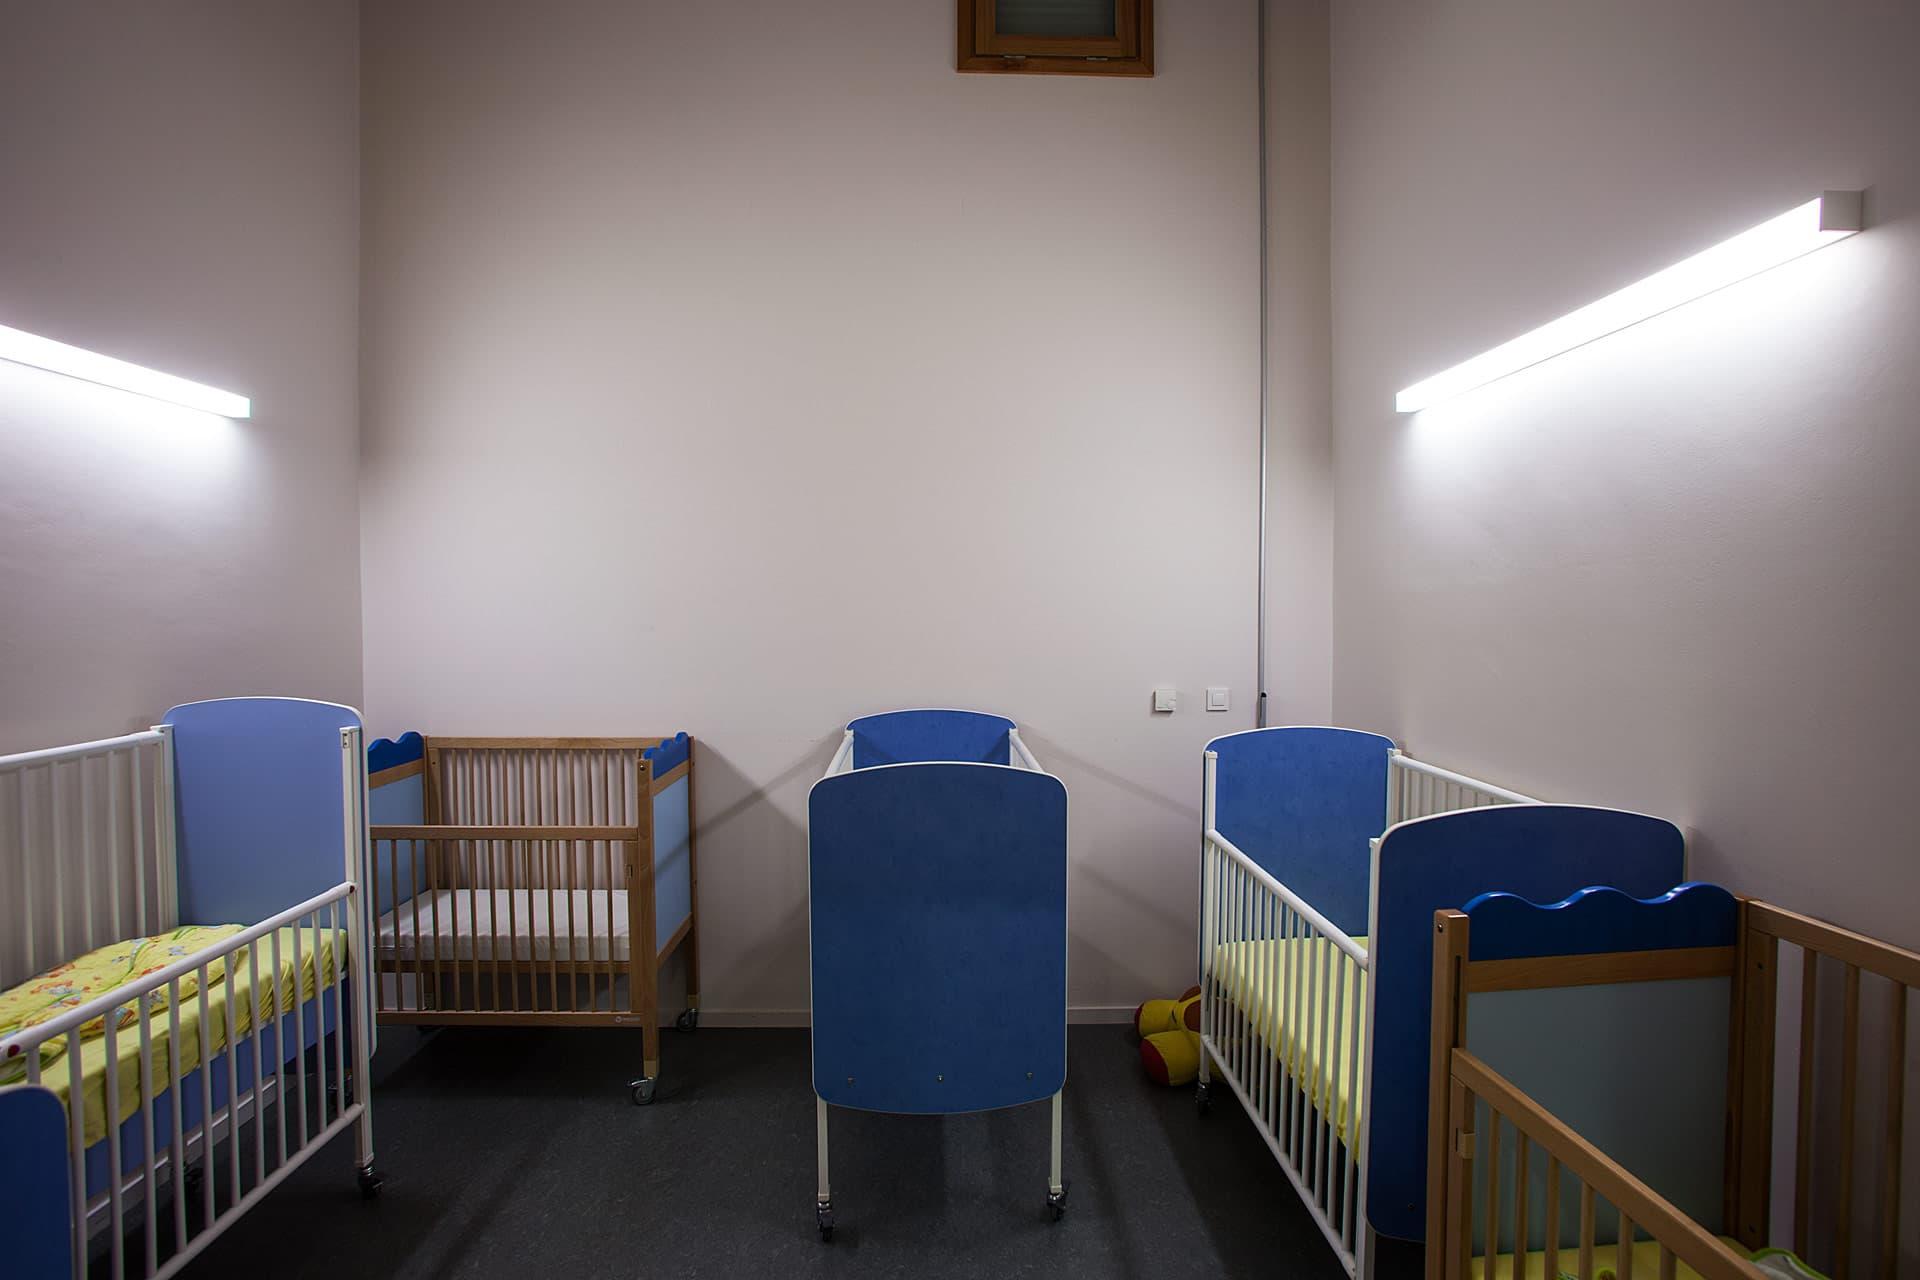 Eclairage d'une salle de l'école le petit prince